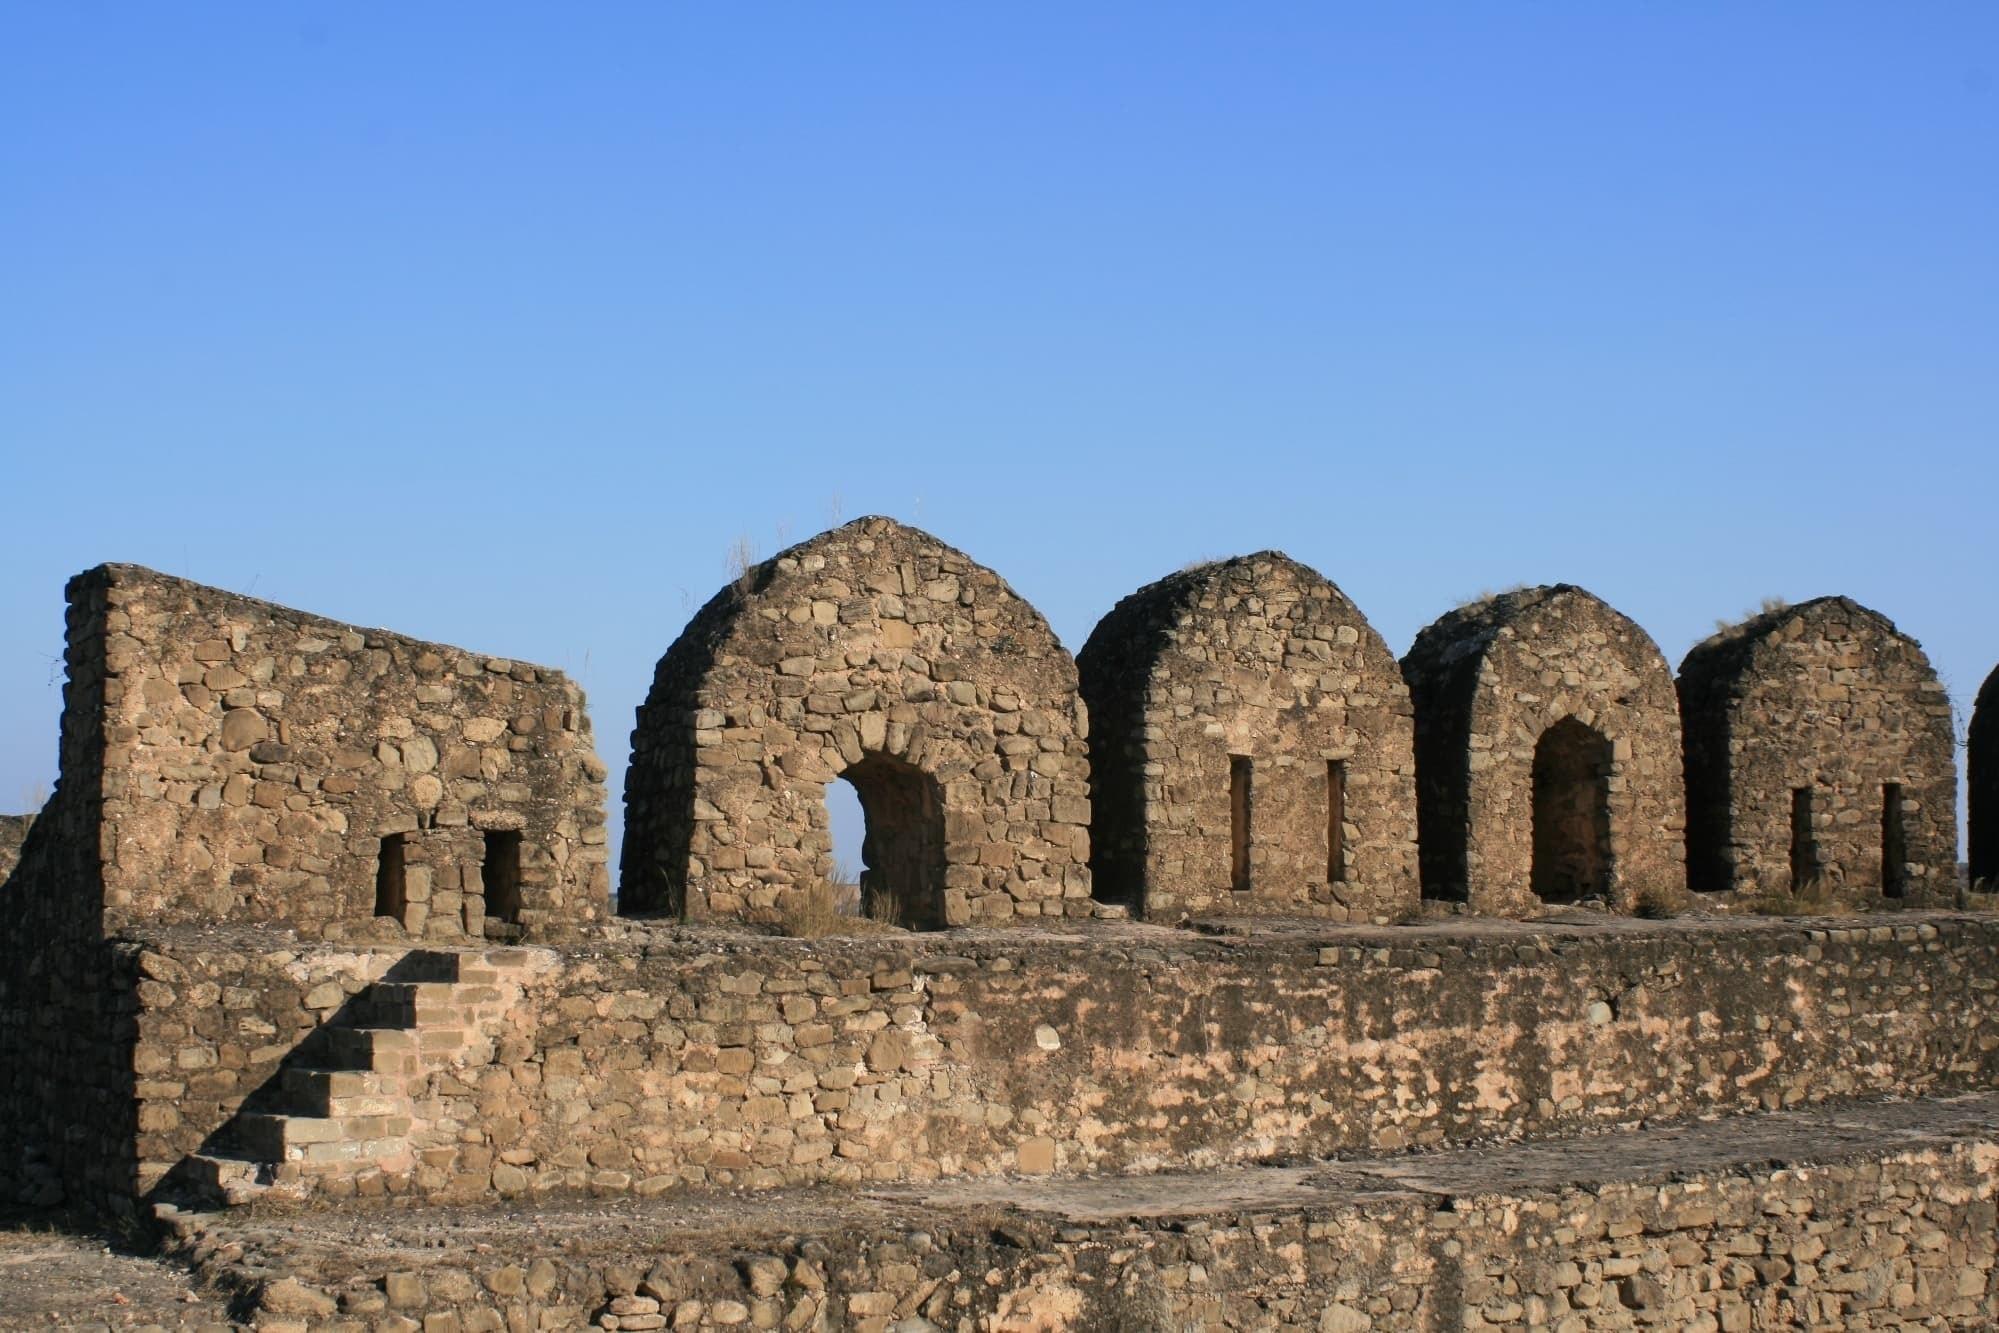 قلعہ کے کُل بارہ دروازے ہیں جن میں سے ایک موری یا کشمیر گیٹ کہلاتا ہے۔